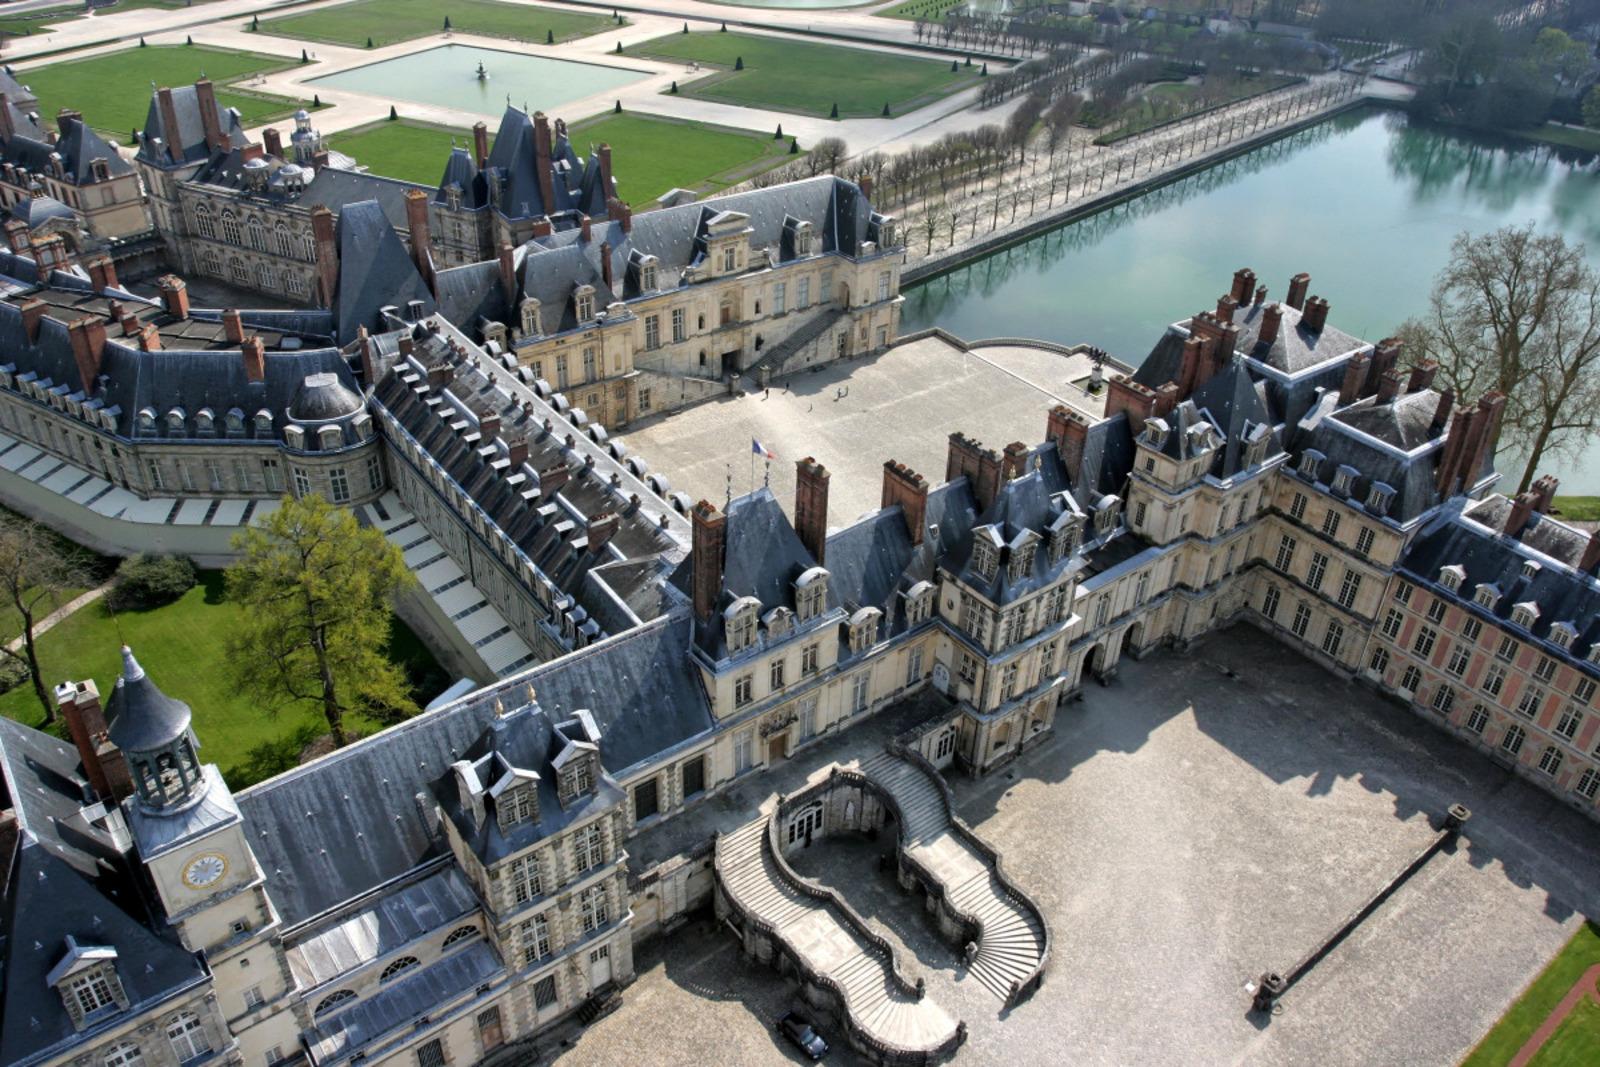 Château de Fontainebleau%252C vue aérienne. Château de Fontainebleau